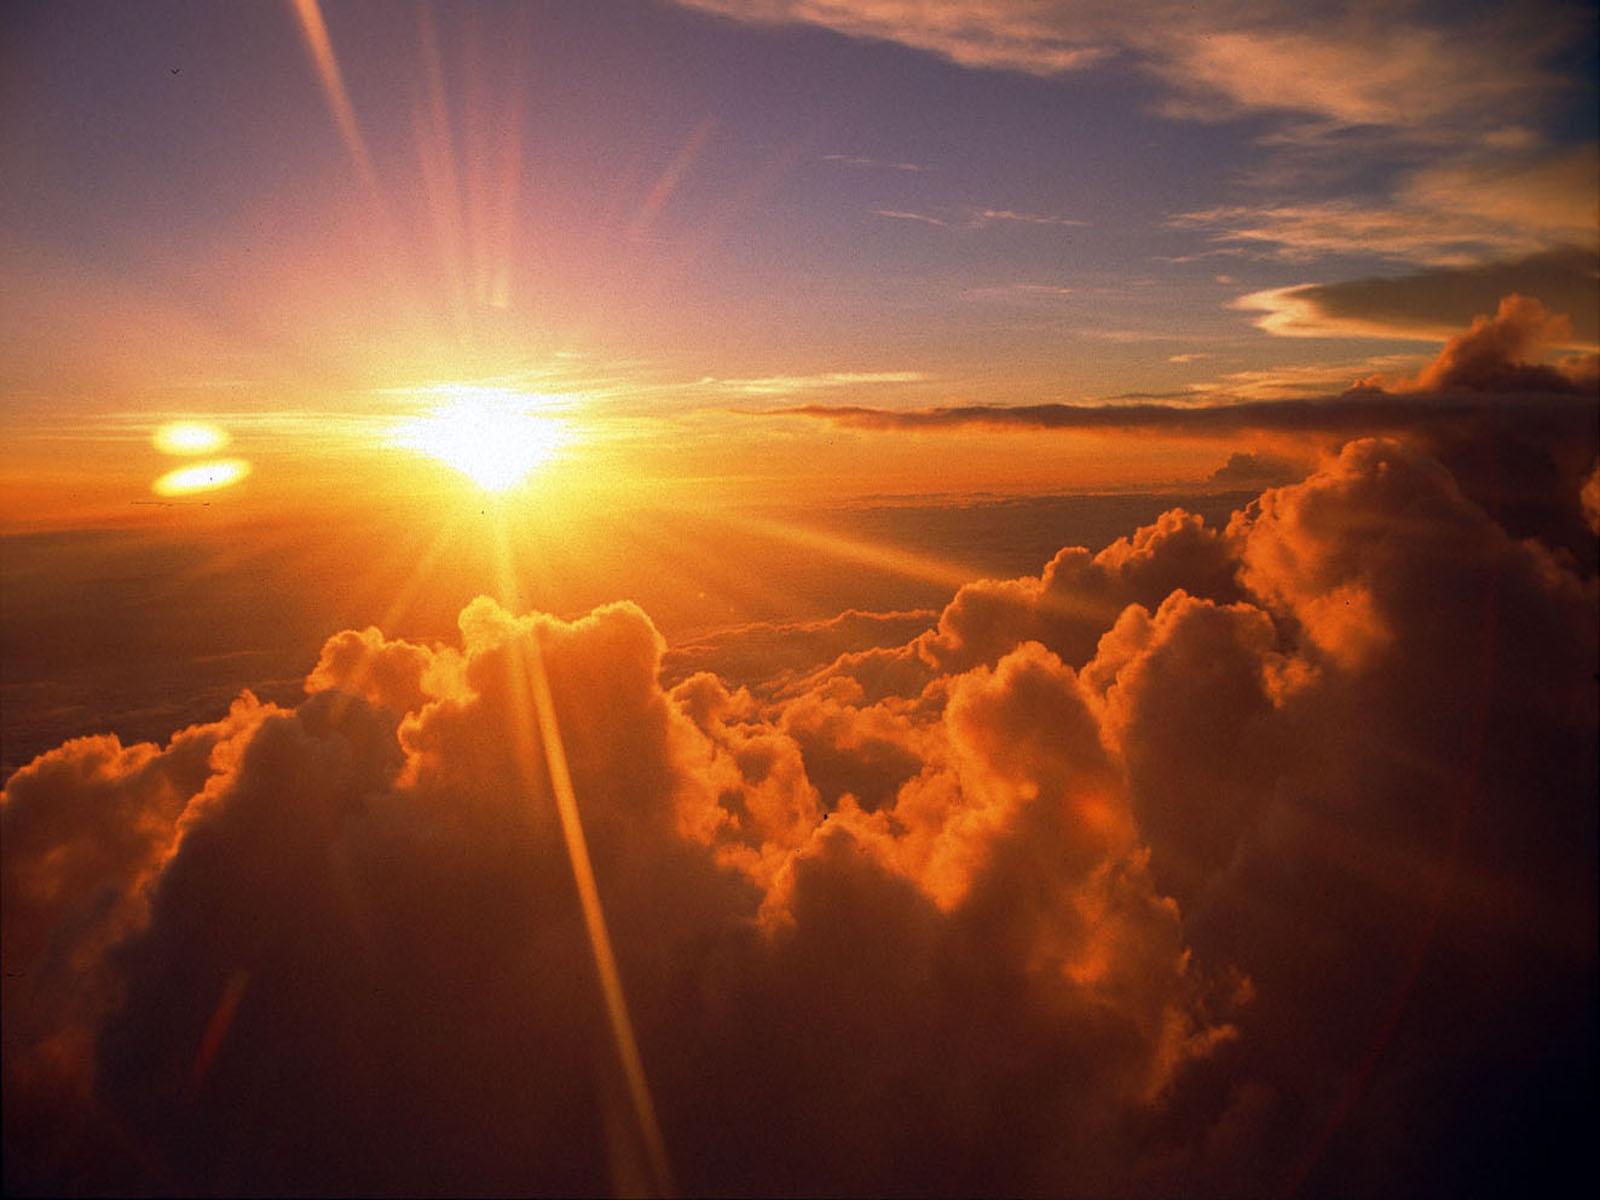 sunrise hospi sunrise hospital - HD1323×864